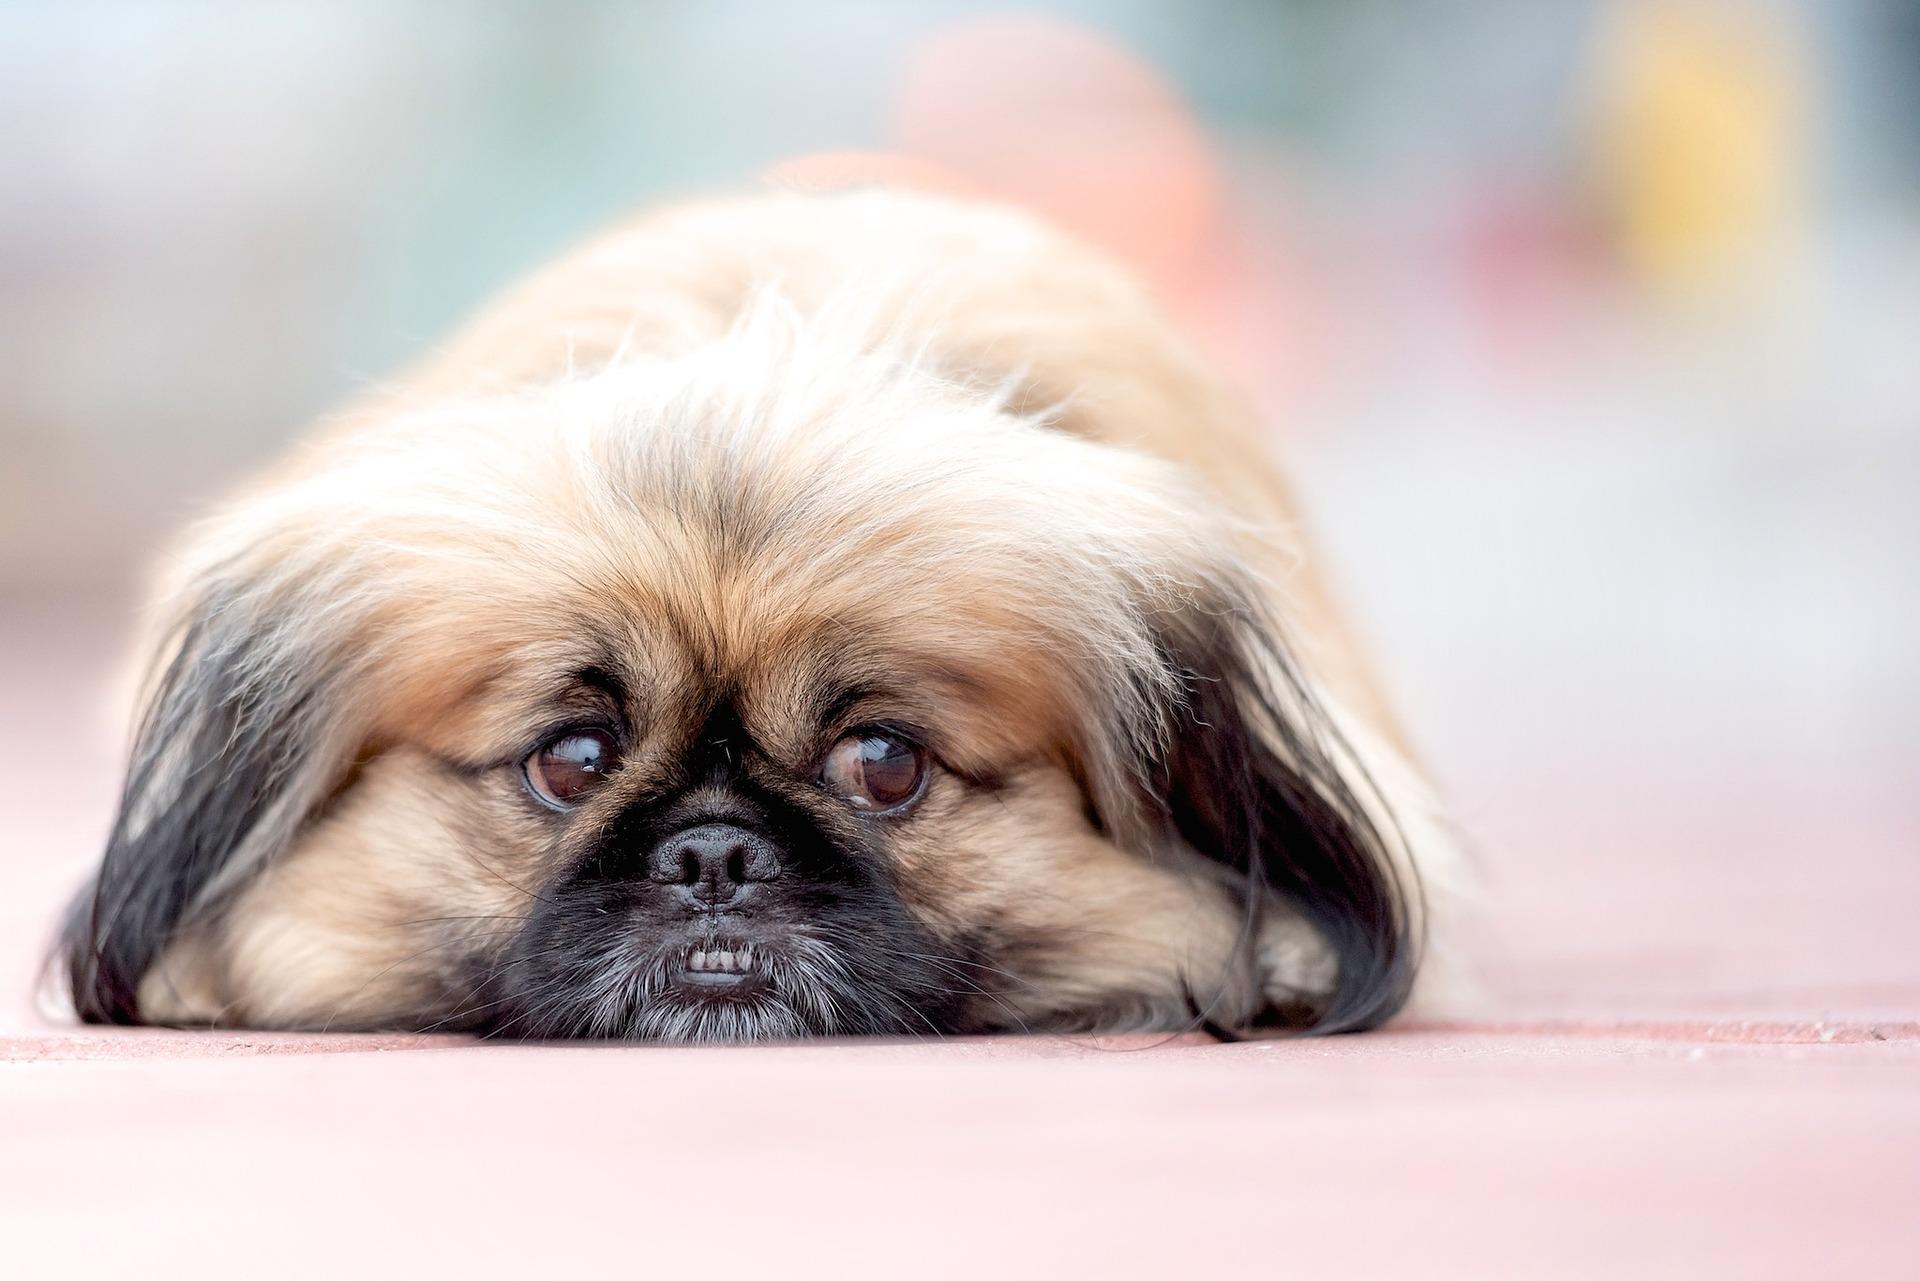 Pekińczyk to jeden z najbardziej zdystansowanych psów do towarzystwa. Uparty, niezależny, miniaturowy lew.